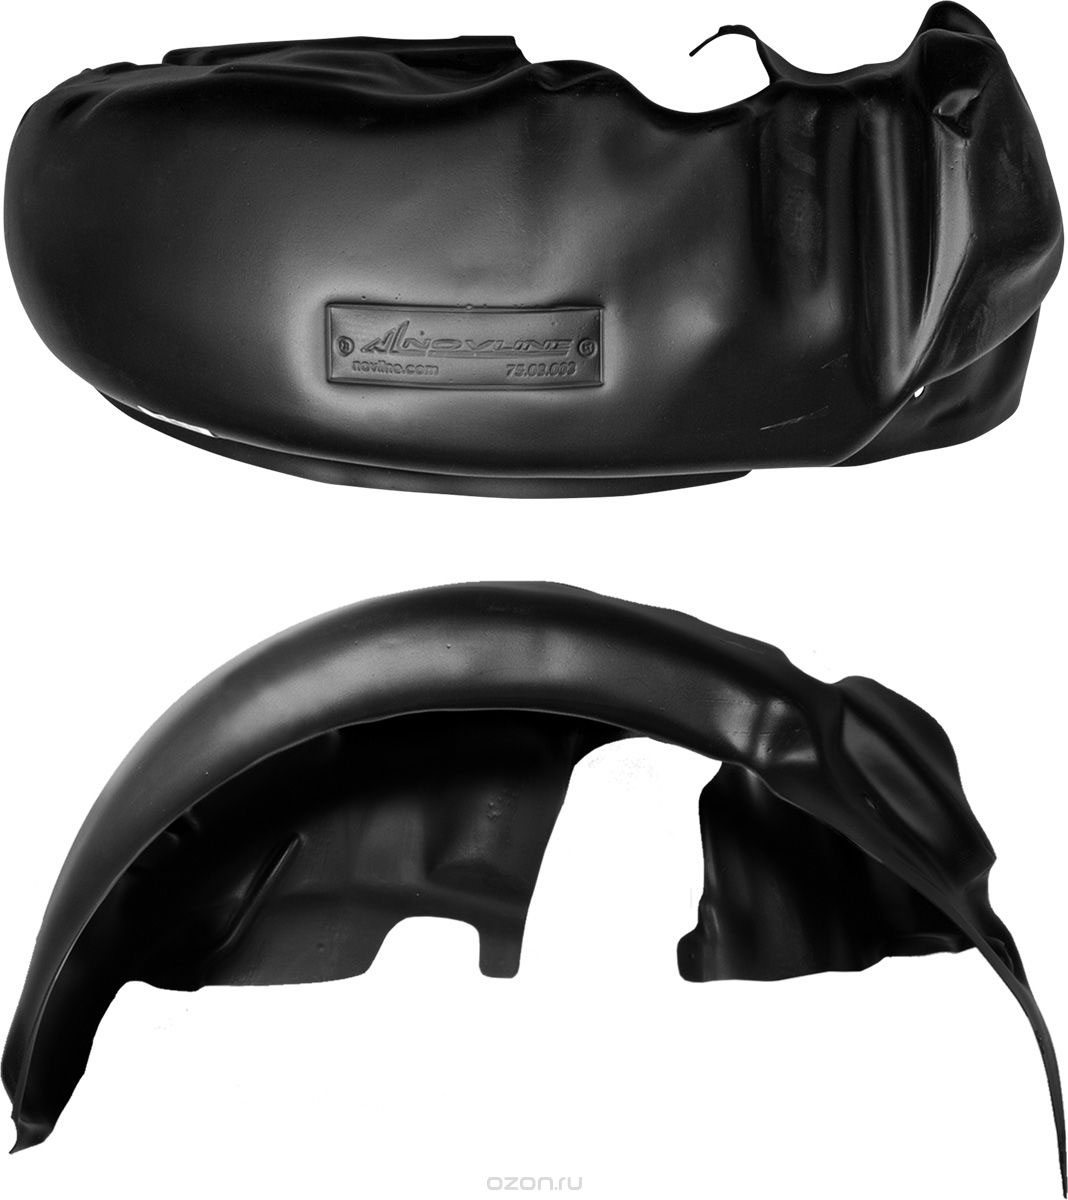 Подкрылок Novline-Autofamily, для Peugeot Boxer/Citroen Jumper, задний правый с расширителями арок, 2006->NLL.38.19.004Идеальная защита колесной ниши. Локеры разработаны с применением цифровых технологий, гарантируют максимальную повторяемость поверхности арки. Изделия устанавливаются без нарушения лакокрасочного покрытия автомобиля, каждый подкрылок комплектуется крепежом. Уважаемые клиенты, обращаем ваше внимание, что фотографии на подкрылки универсальные и не отражают реальную форму изделия. При этом само изделие идет точно под размер указанного автомобиля.